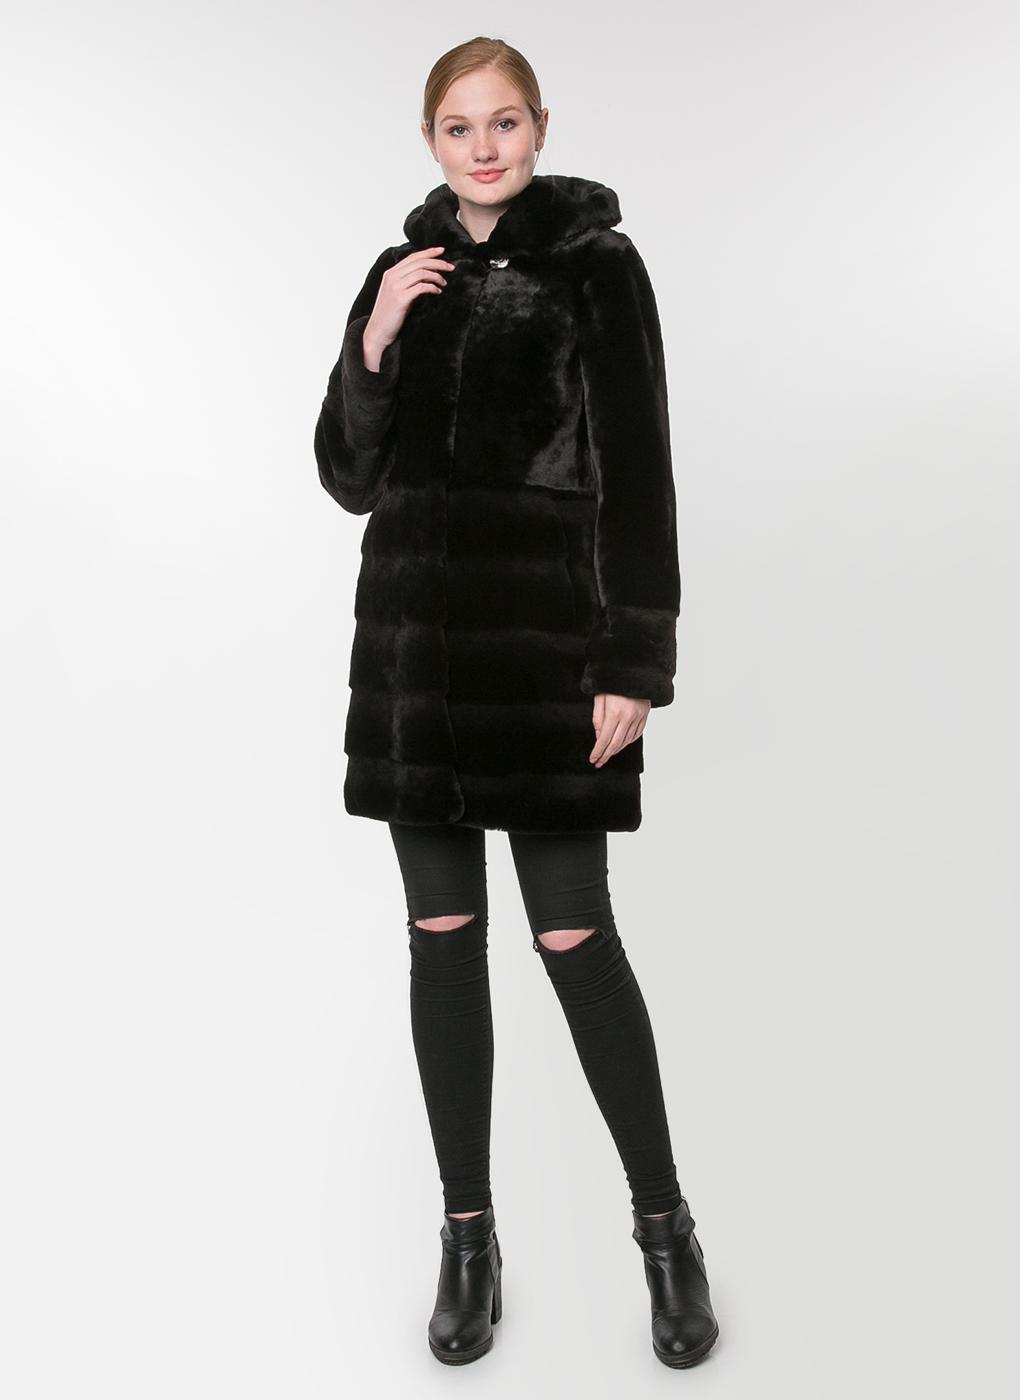 Пальто приталенное из мутона 34, Заря